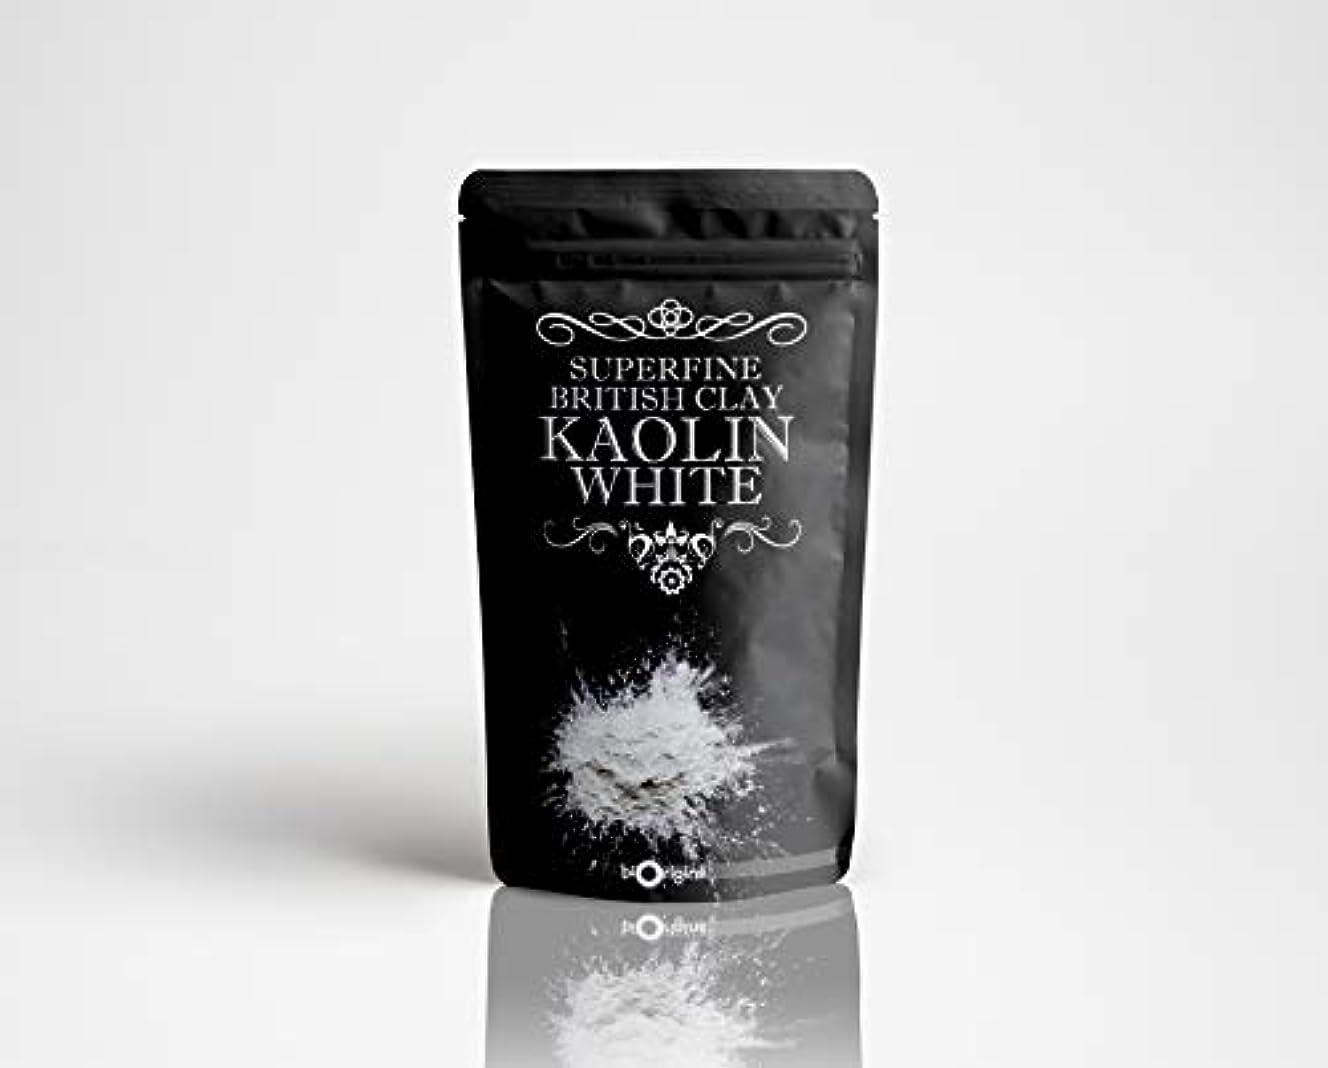 一過性トレースギャラリーKaolin White Superfine British Clay - 100g